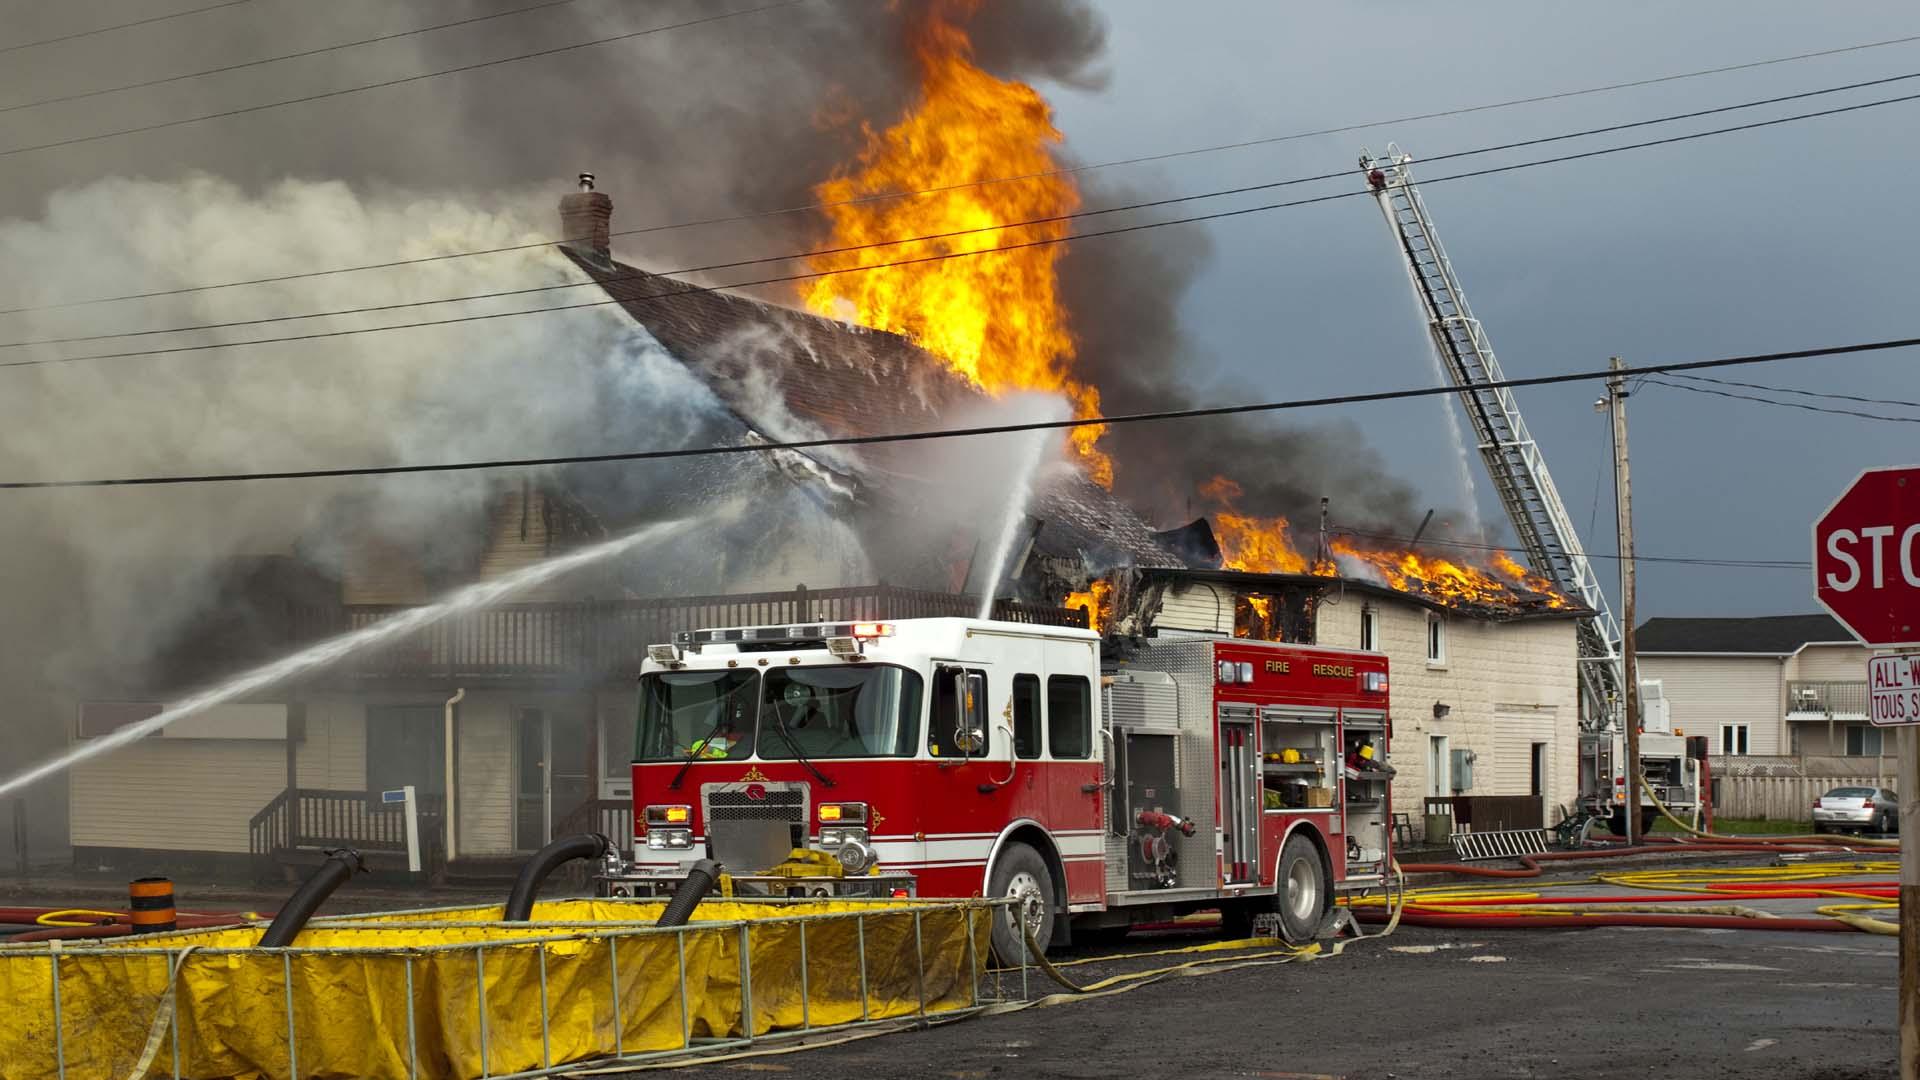 800 bomberos y funcionarios de Protección Civil combatieron el accidente, 50 personas pudieron ser rescatadas